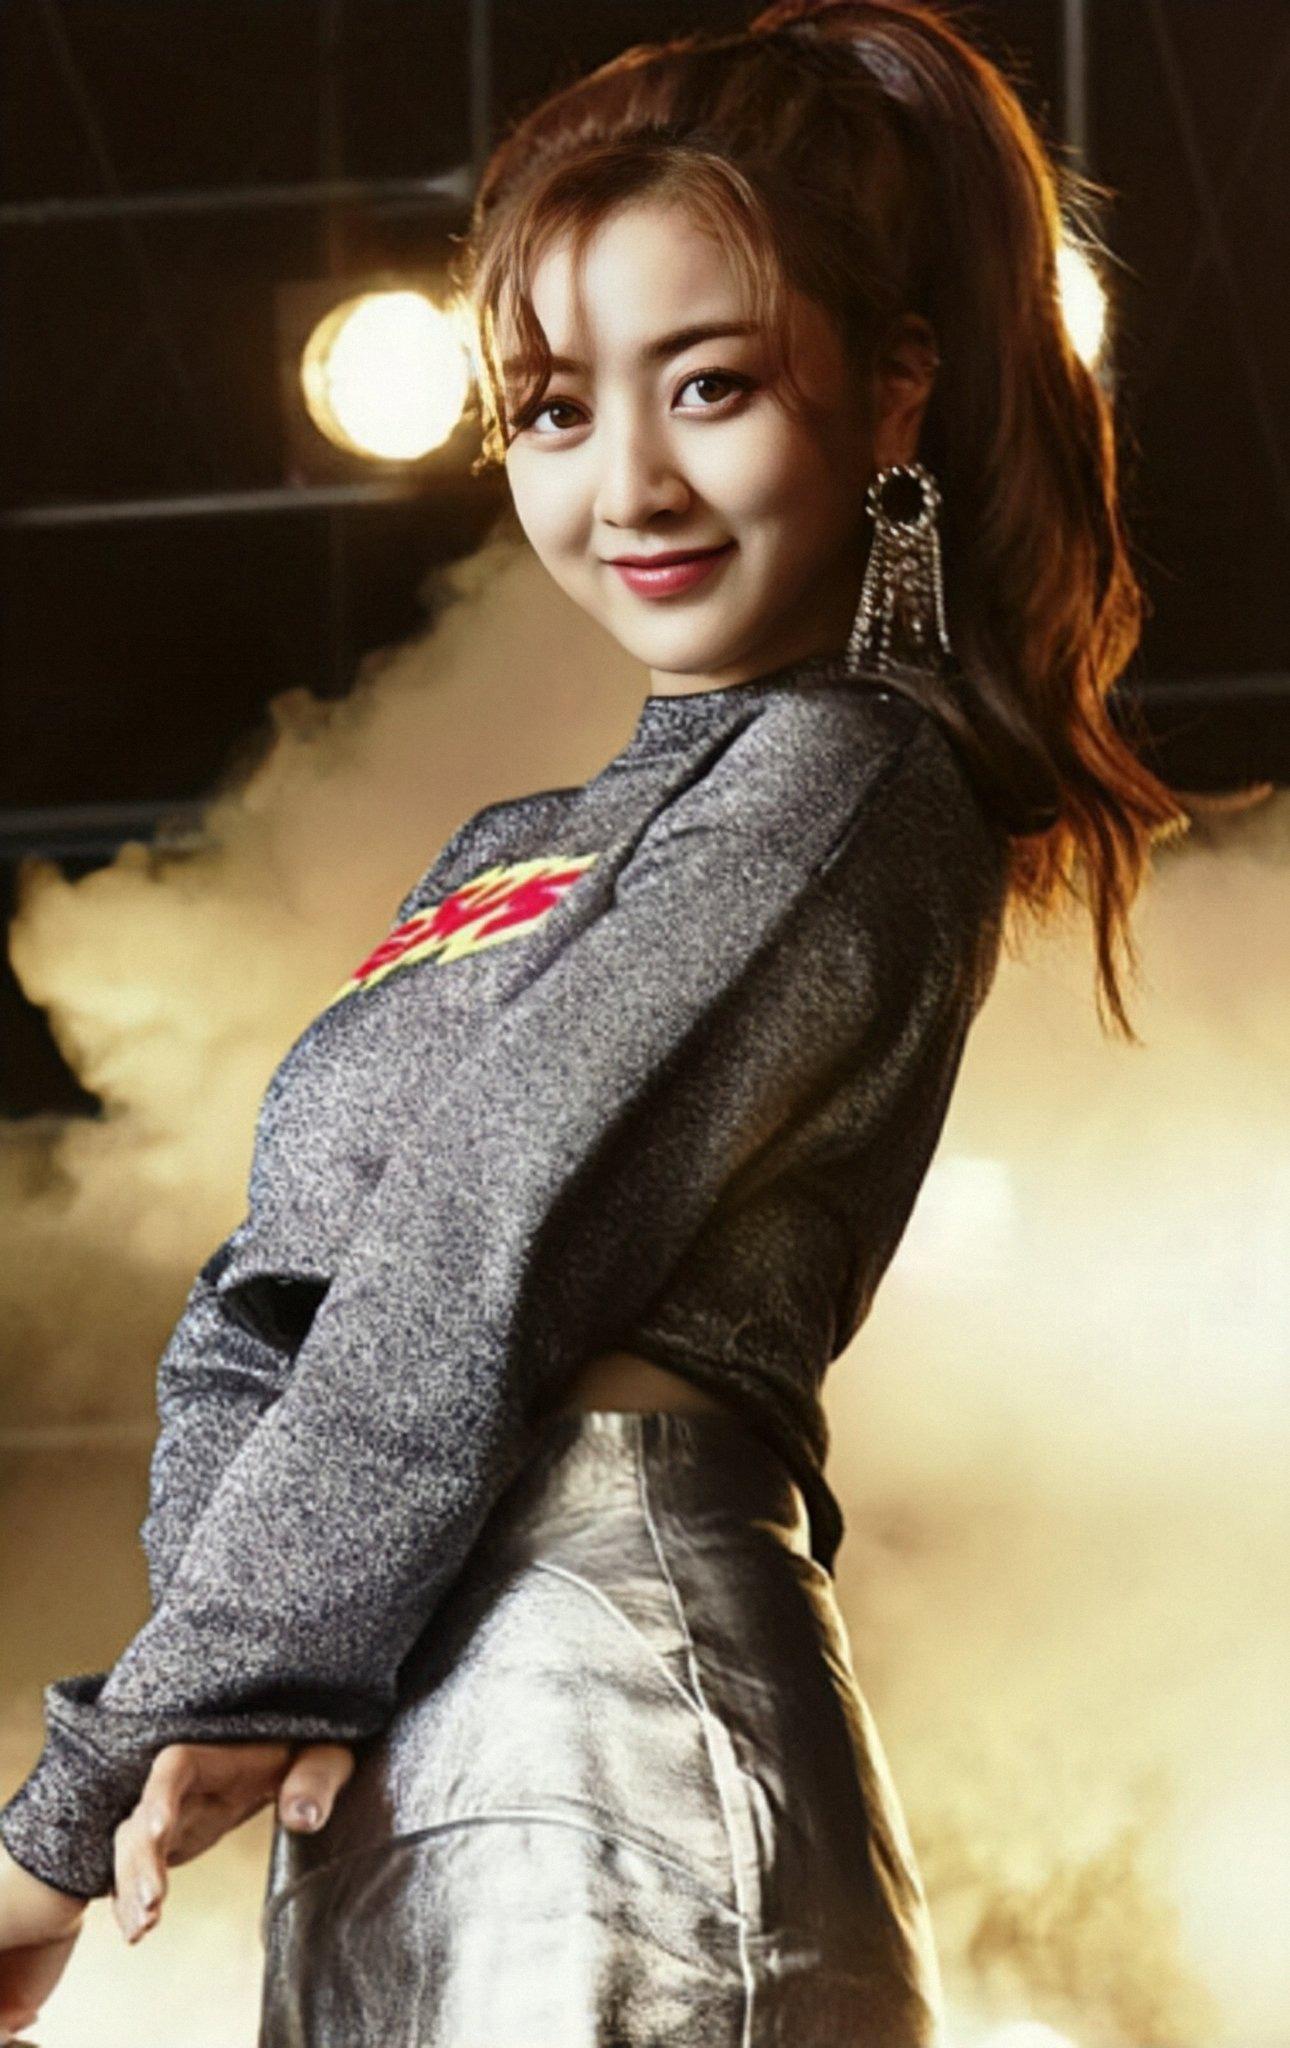 Chuyên gia trang điểm tiết lộ 2 nữ idol đẹp hoàn hảo dù không makeup: Tzuyu lại gây tranh cãi vì mặt mộc, còn lại là ai? - Ảnh 6.